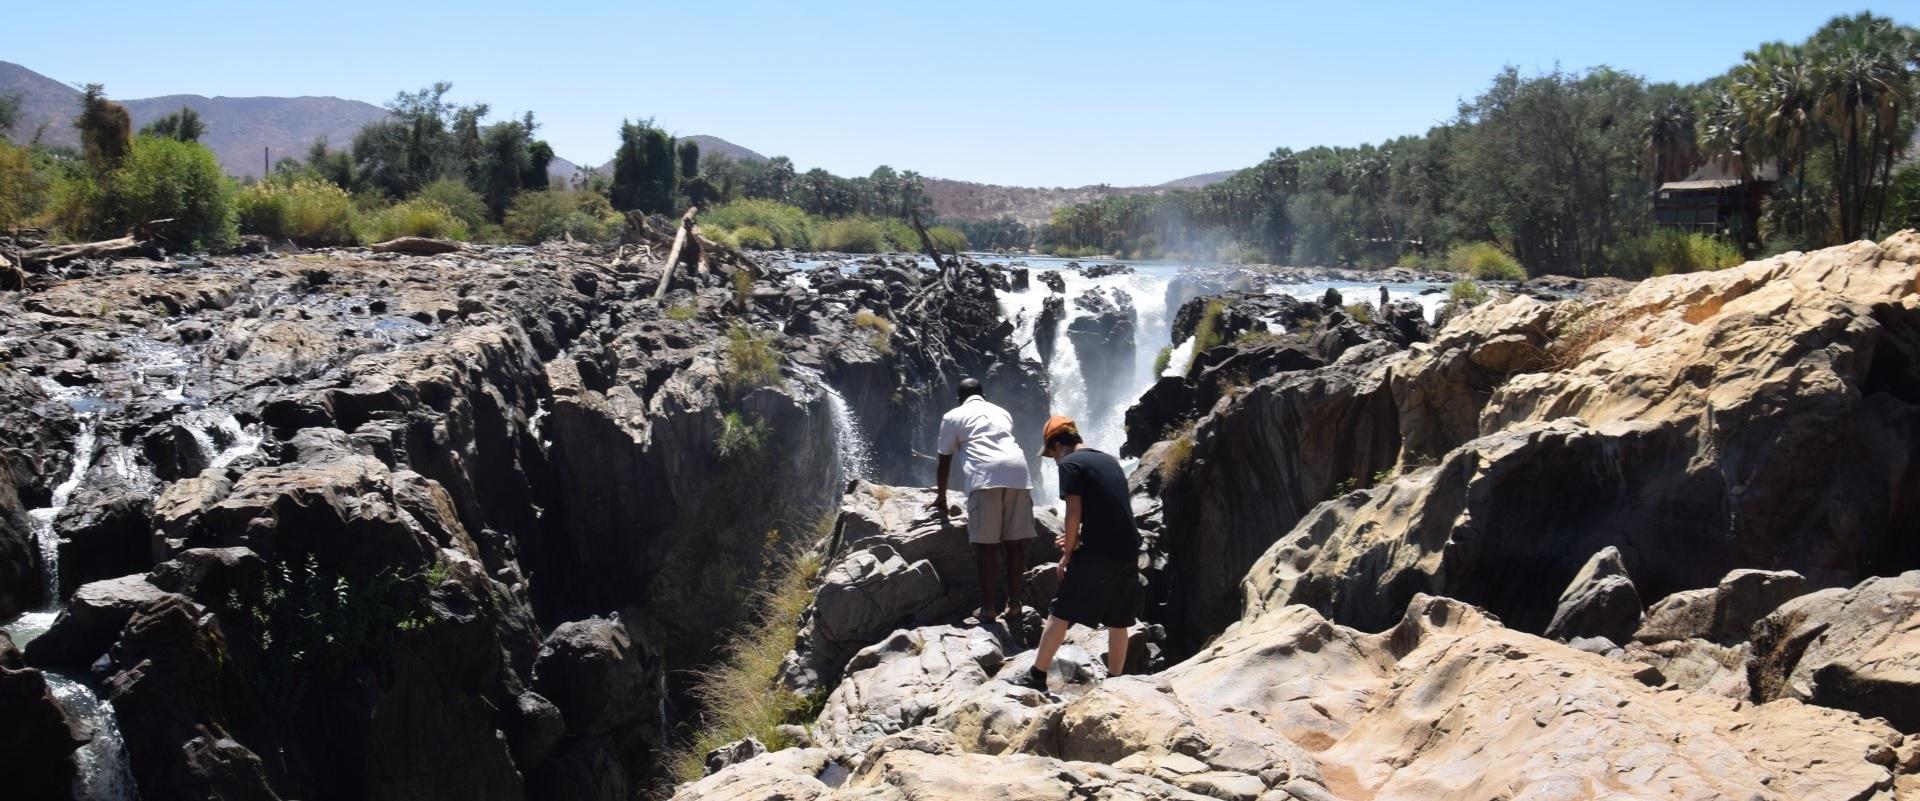 Namibia03.jpg